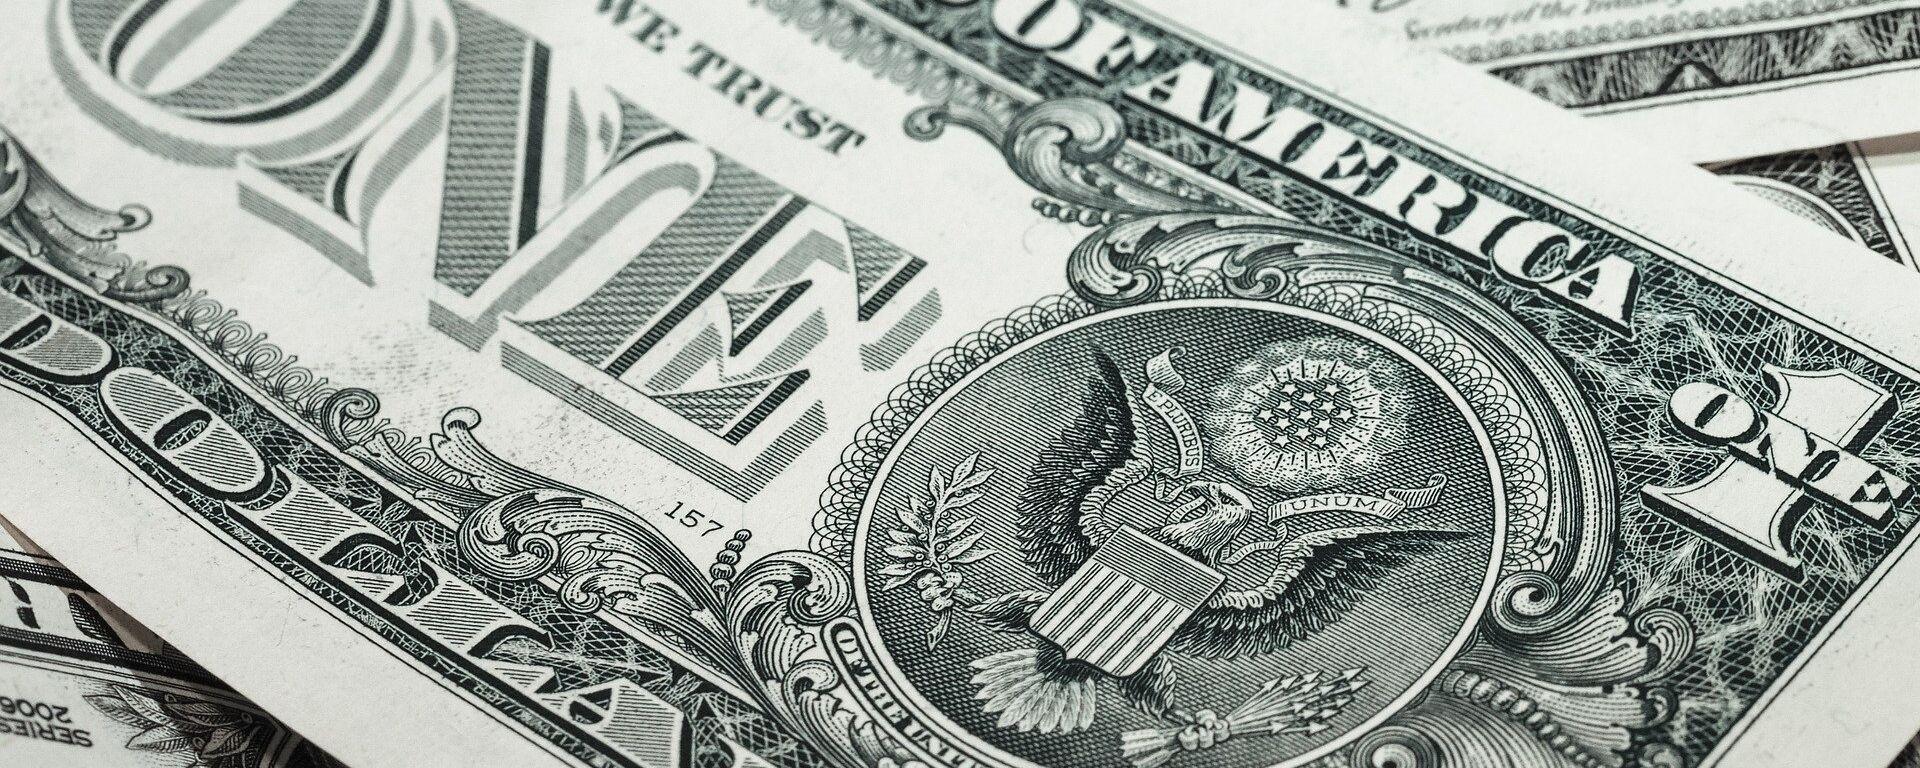 Dólar, moneda de EEUU - Sputnik Mundo, 1920, 19.04.2021